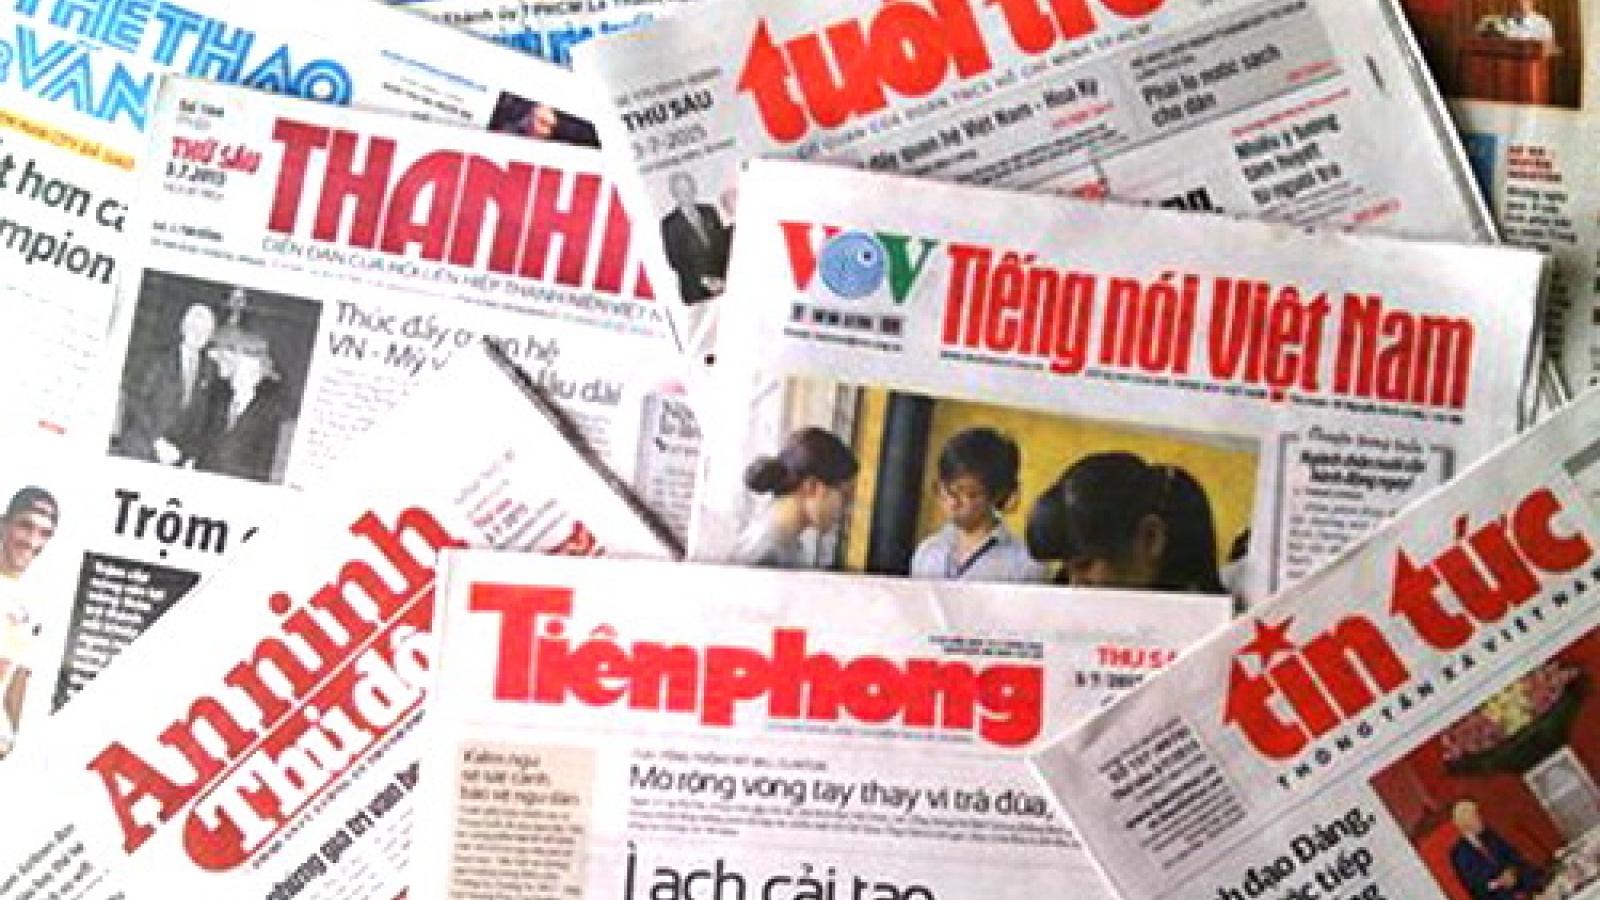 Bác bỏ nội dung sai sự thật Tổ chức Ủy ban Bảo vệ Nhà báo đưa ra về Việt Nam